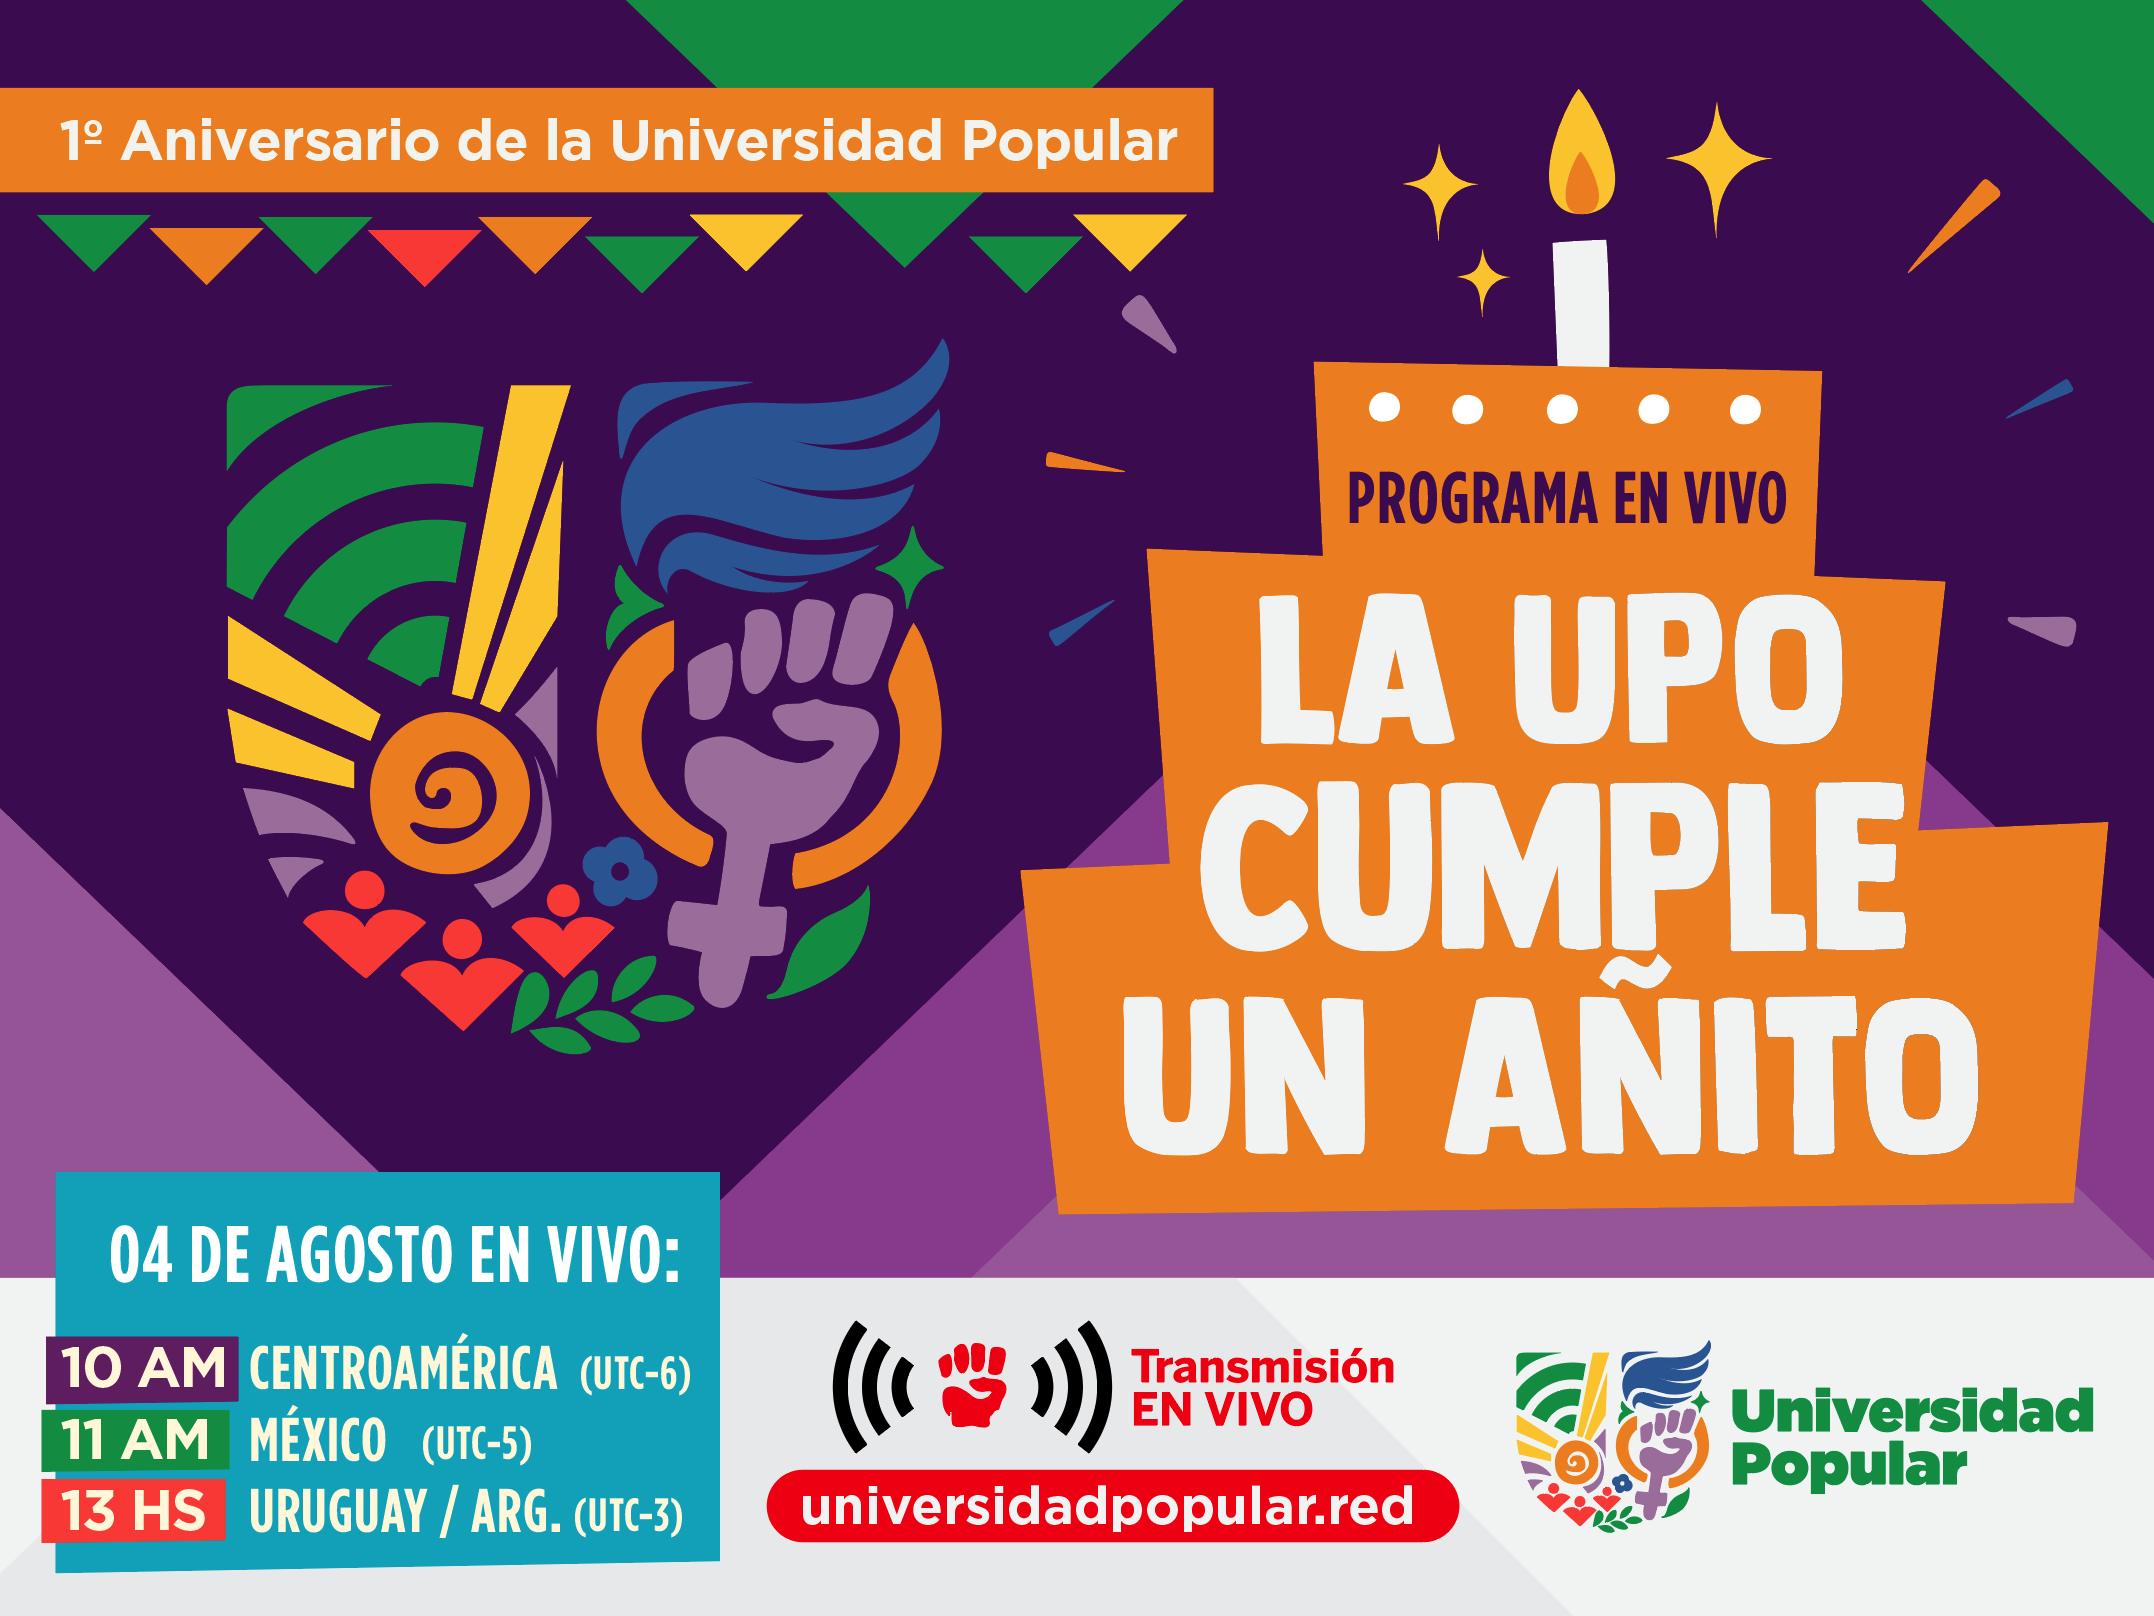 Primer aniversario de la Universidad Popular